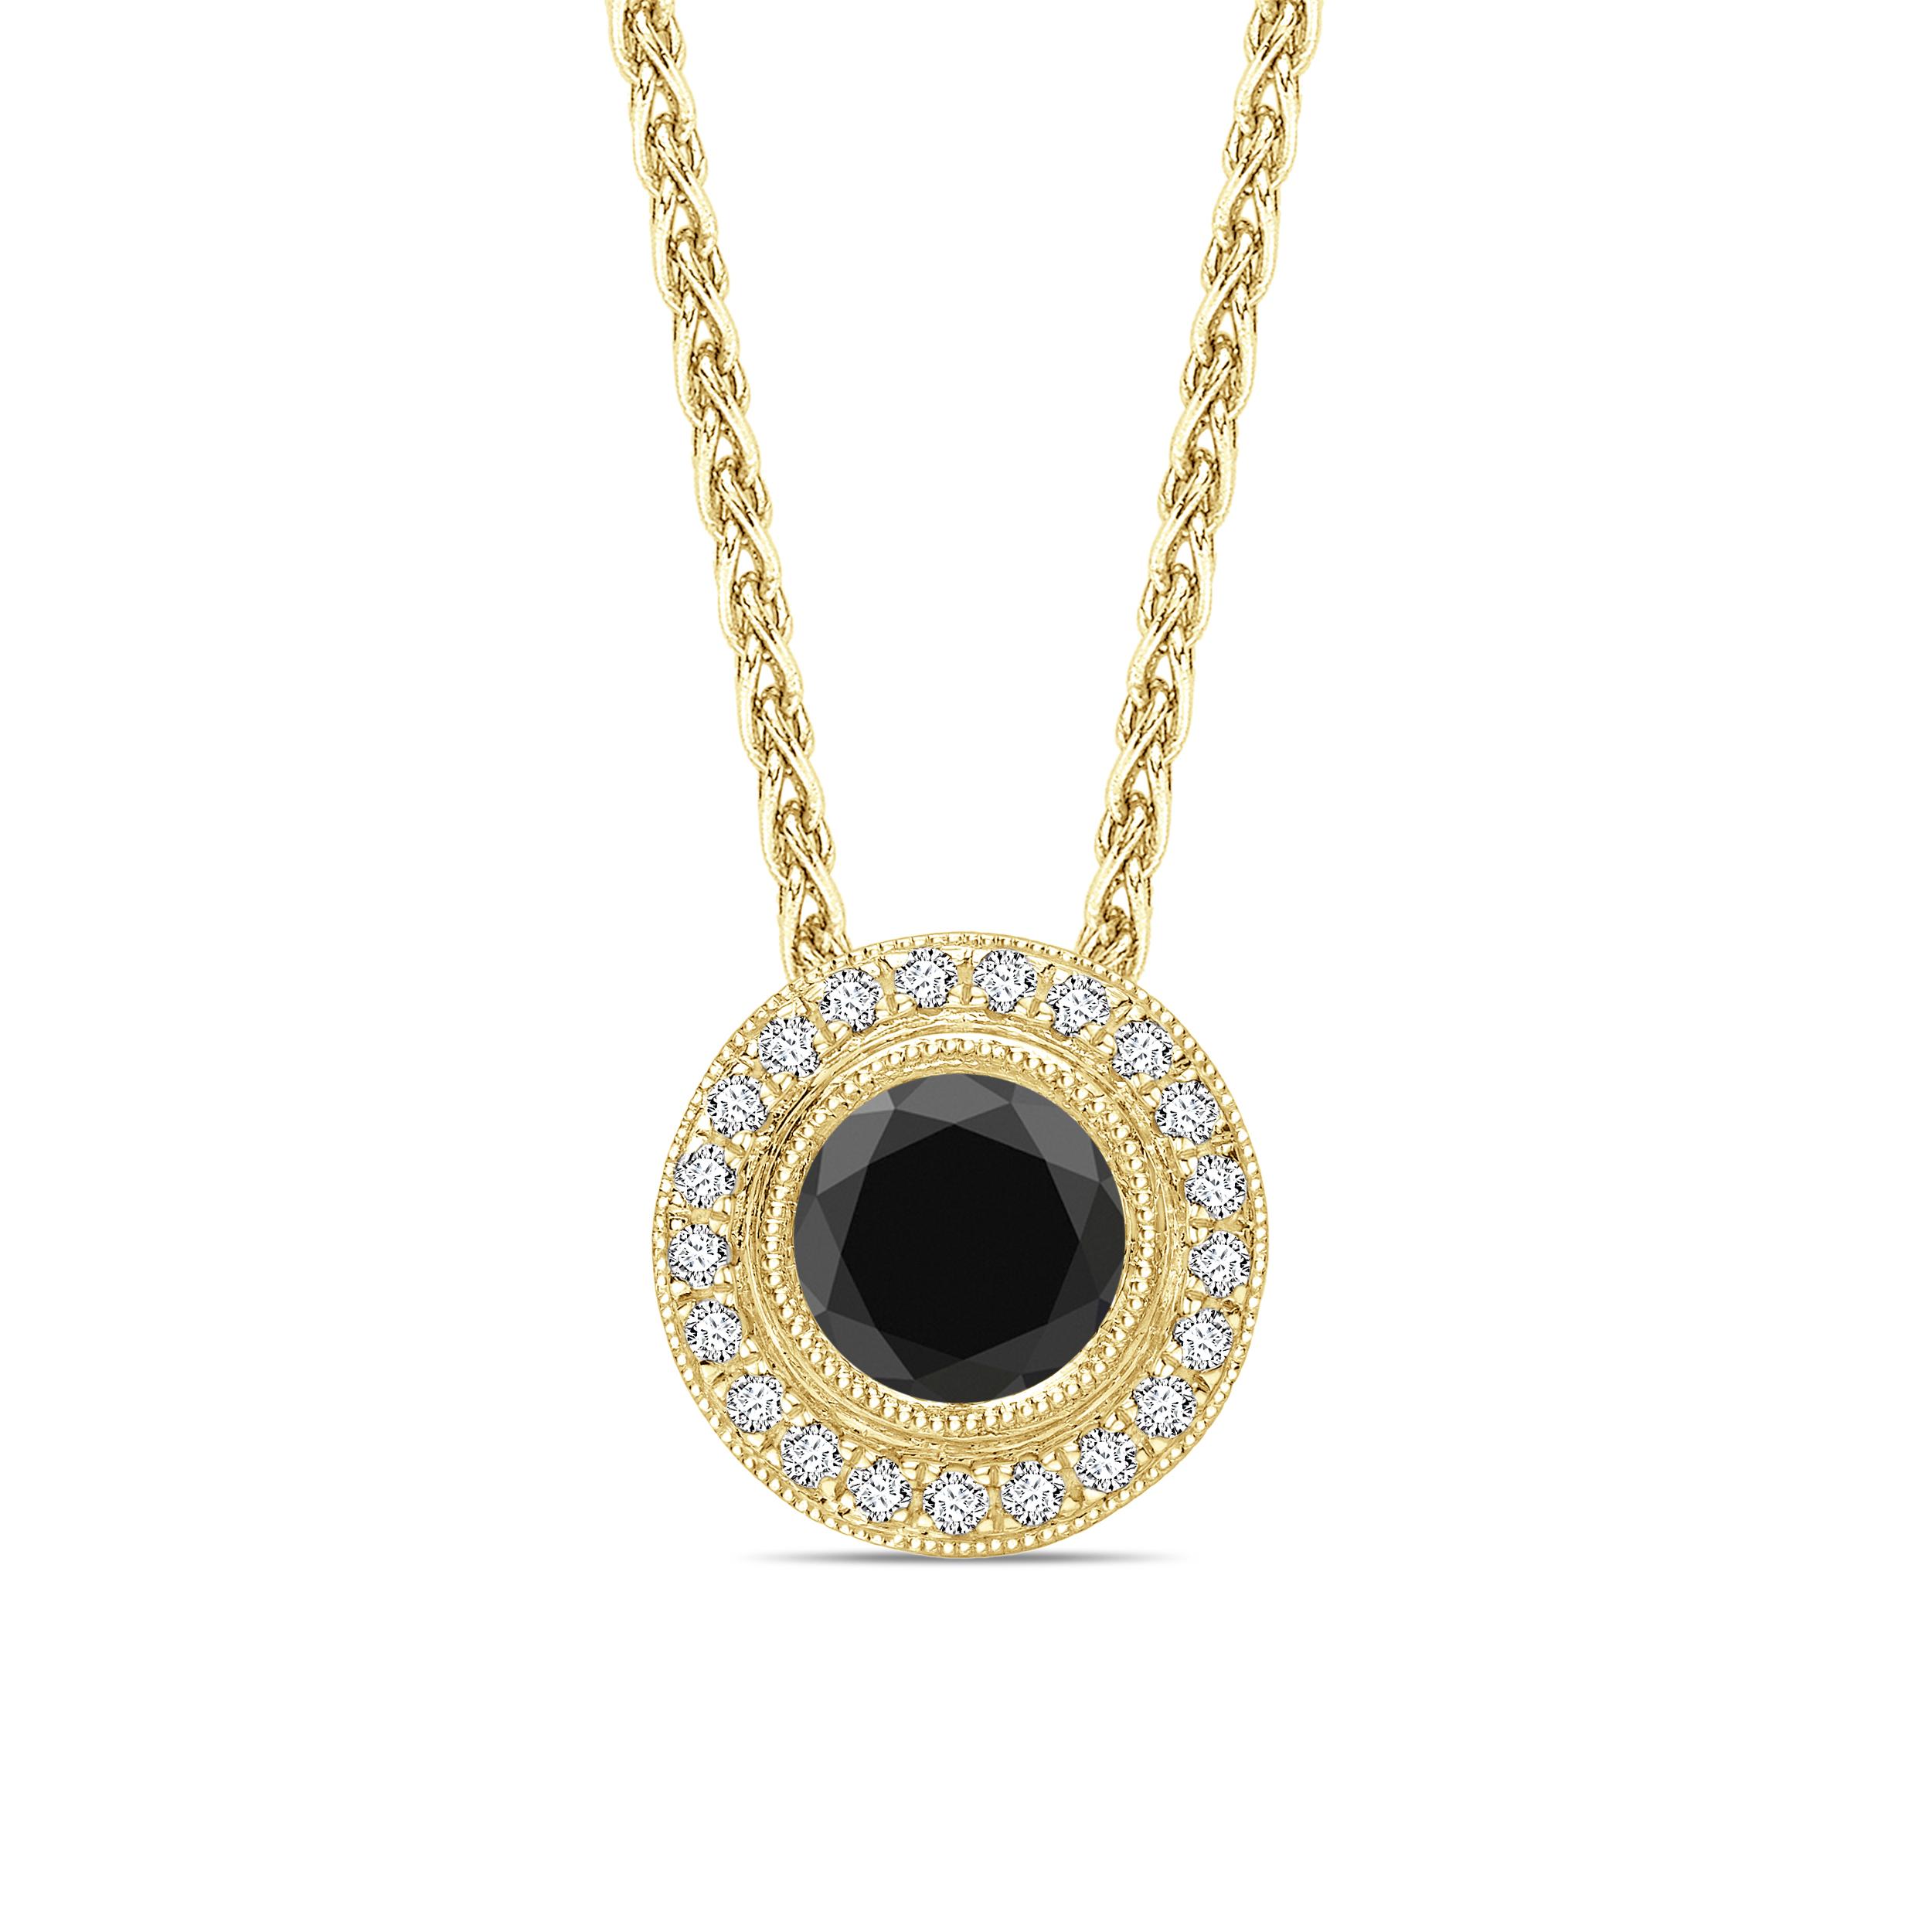 Round Cut Vintage Style Black Diamond Solitaire Pendants Necklace